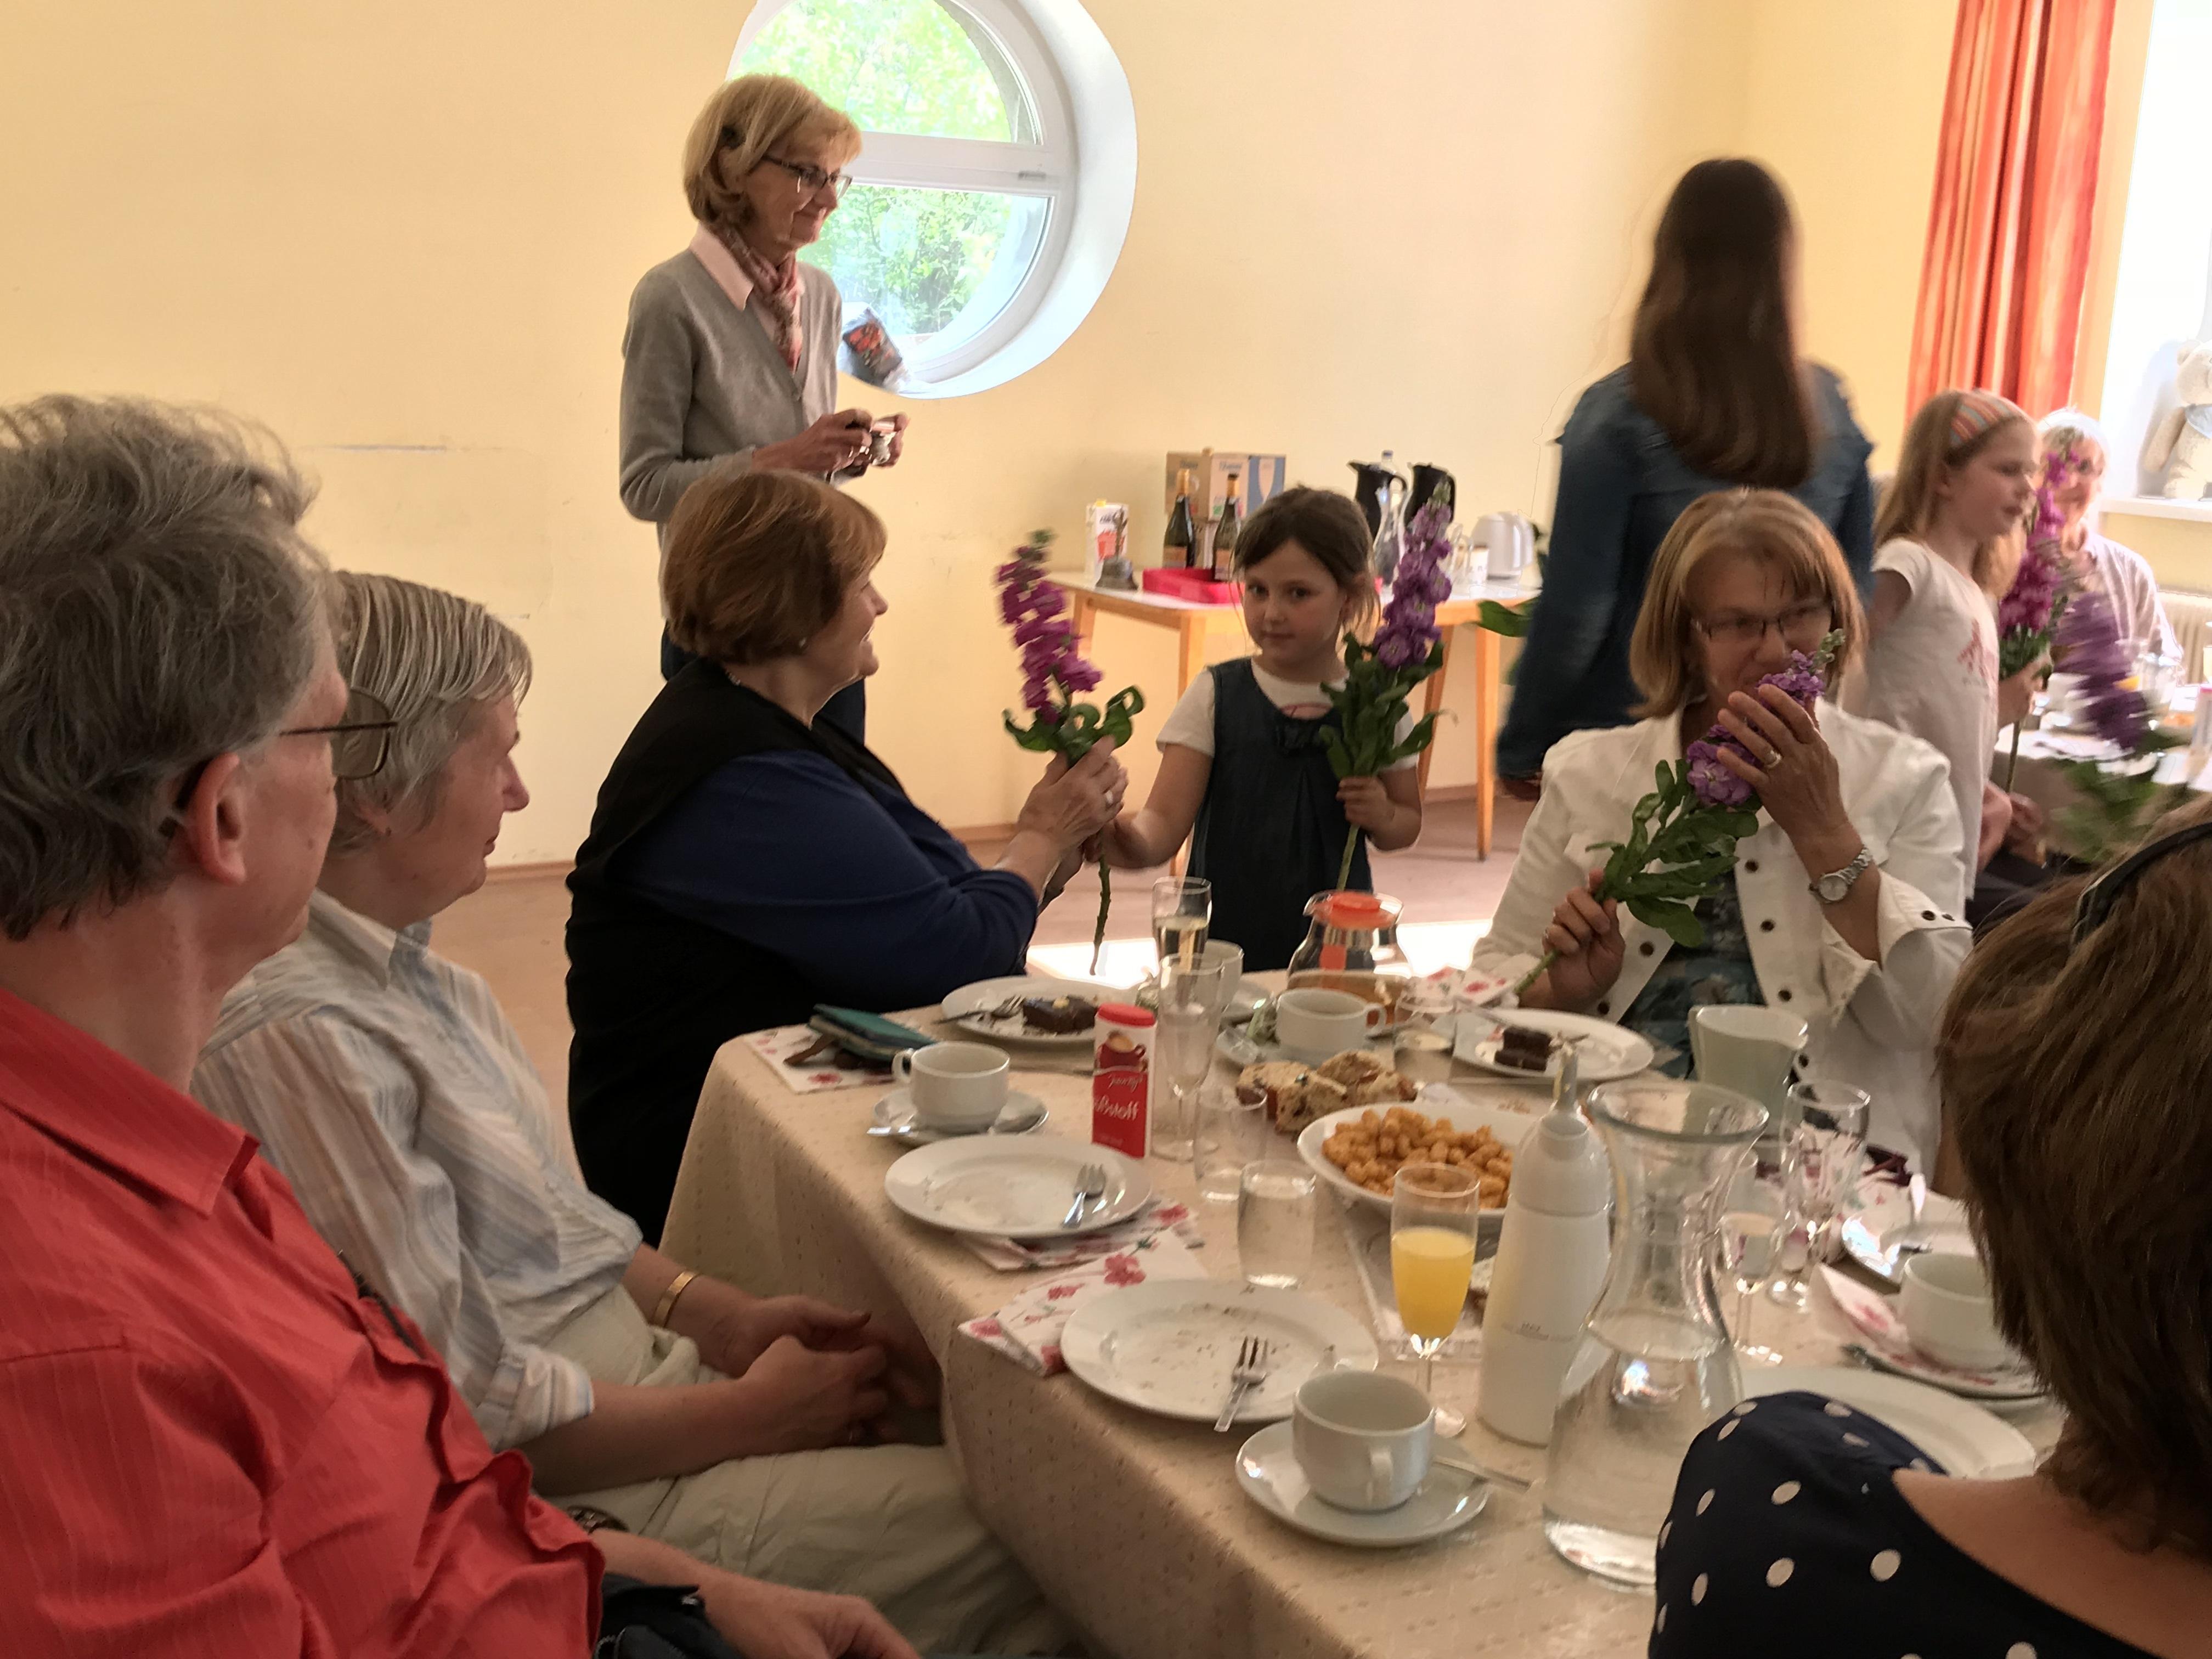 Blumen- und  Singgrüße vom Kinderchor zur Muttertagsfeier beim Seniorenclub!